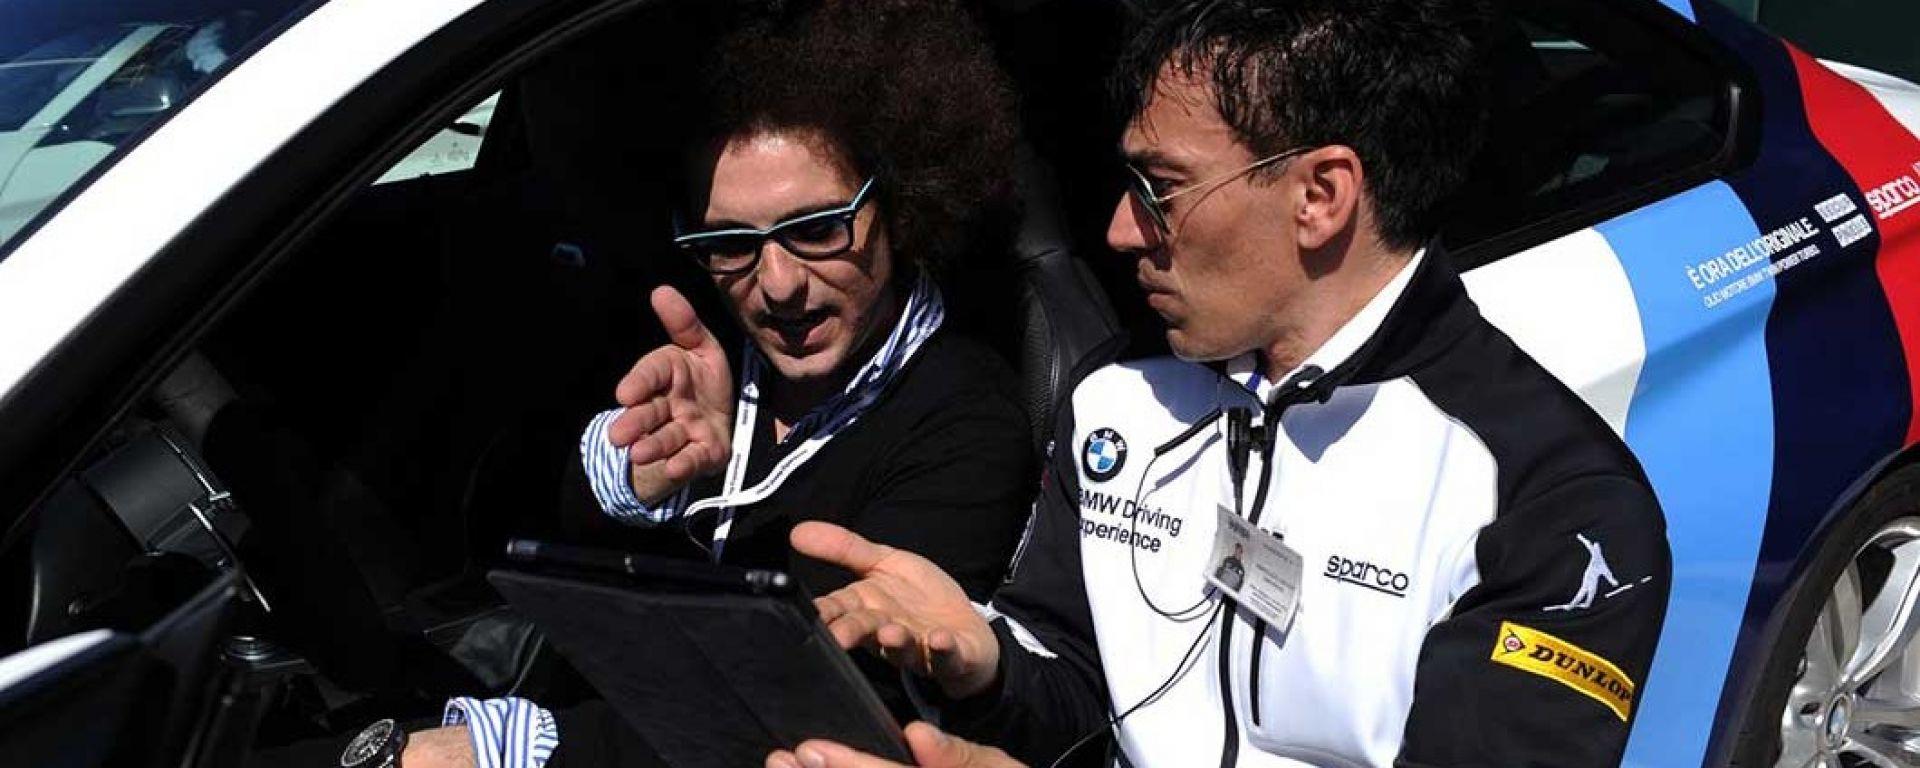 Gli istruttori della BMW vi seguiranno passo dopo passo per farvi diventare un vero pro driver